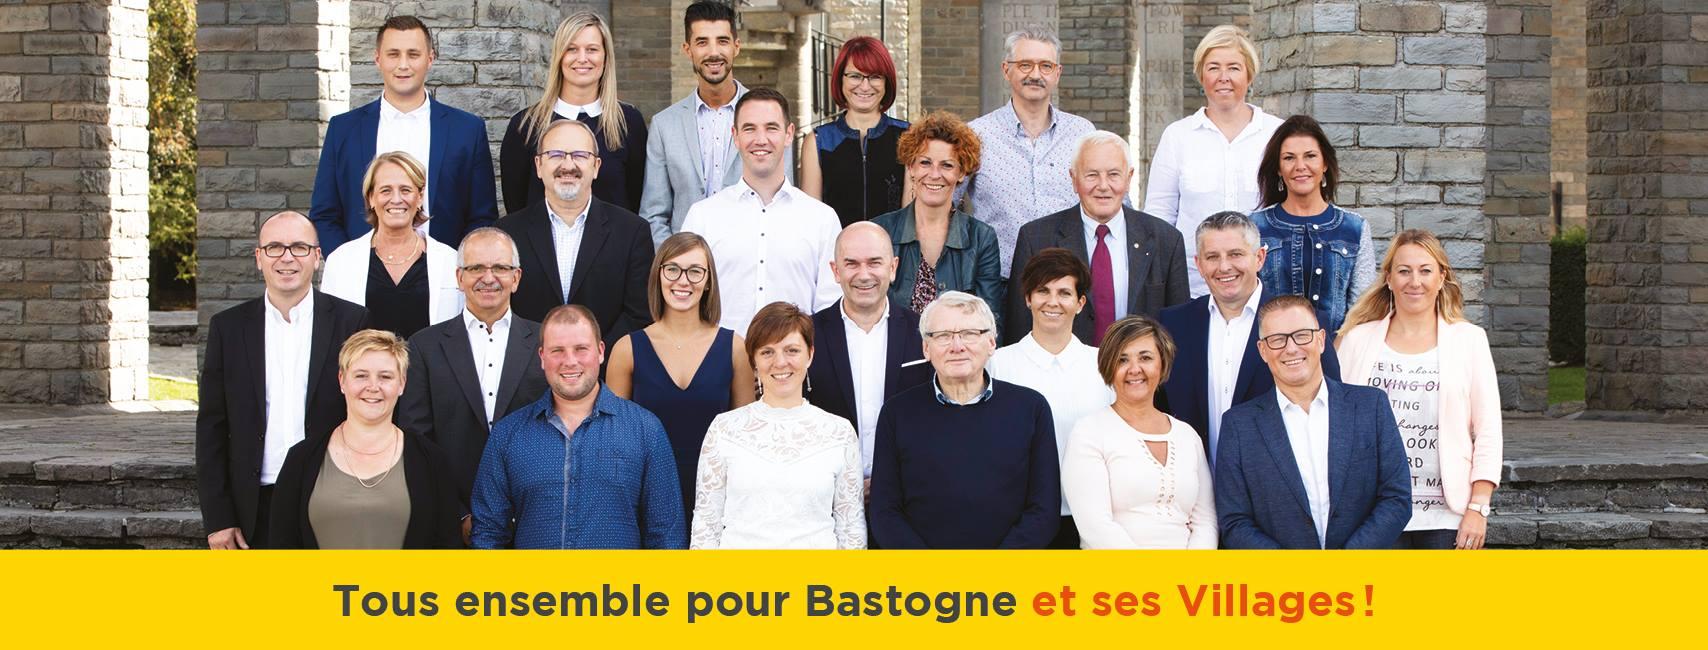 Liste des  Citoyens positifs de Bastogne